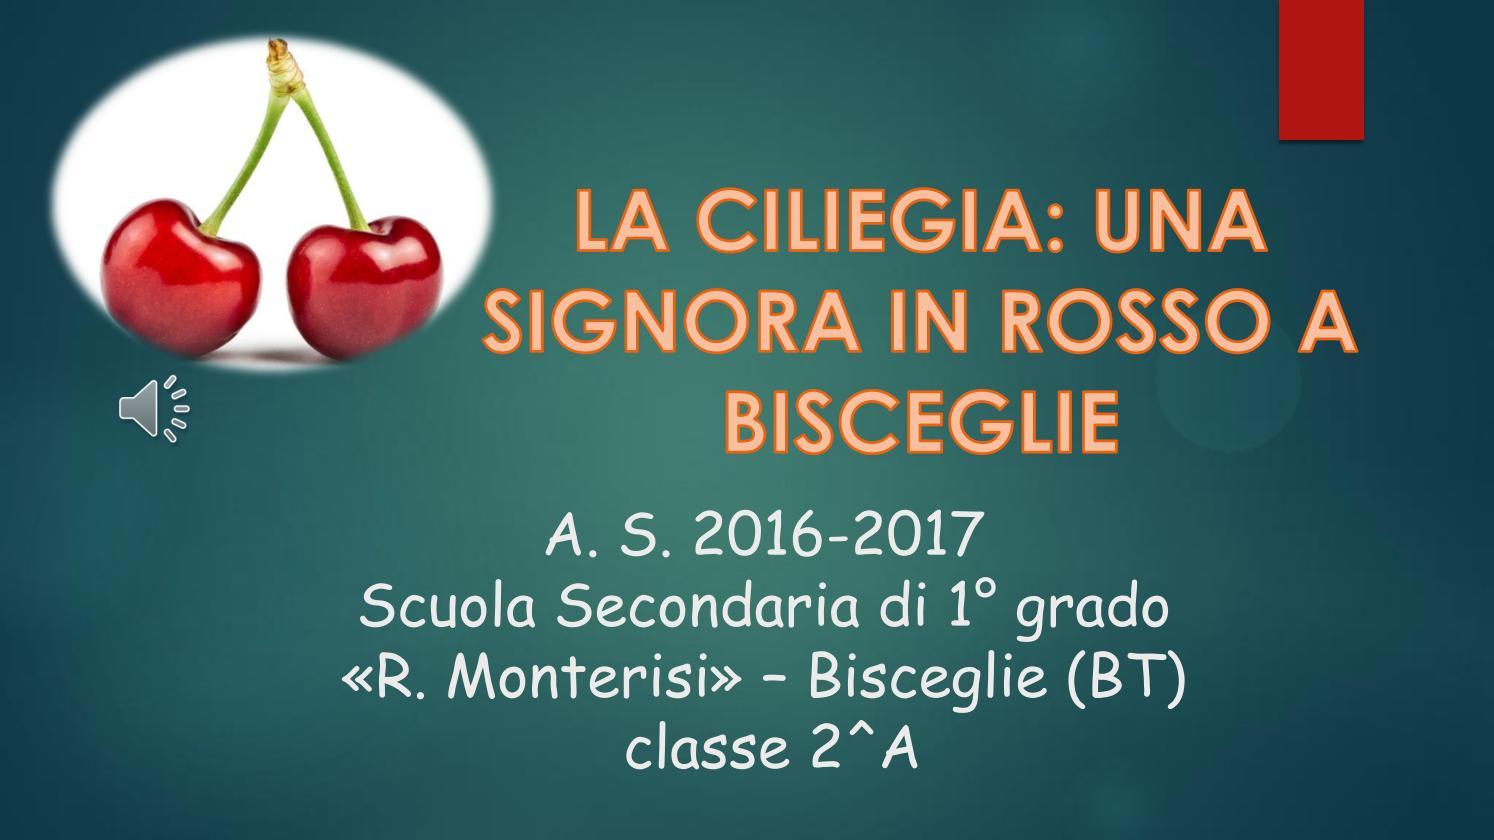 Trattamenti Ciliegio Calendario.2017 Ciliegia 2a Ok By Paolo Sciancalepore Issuu